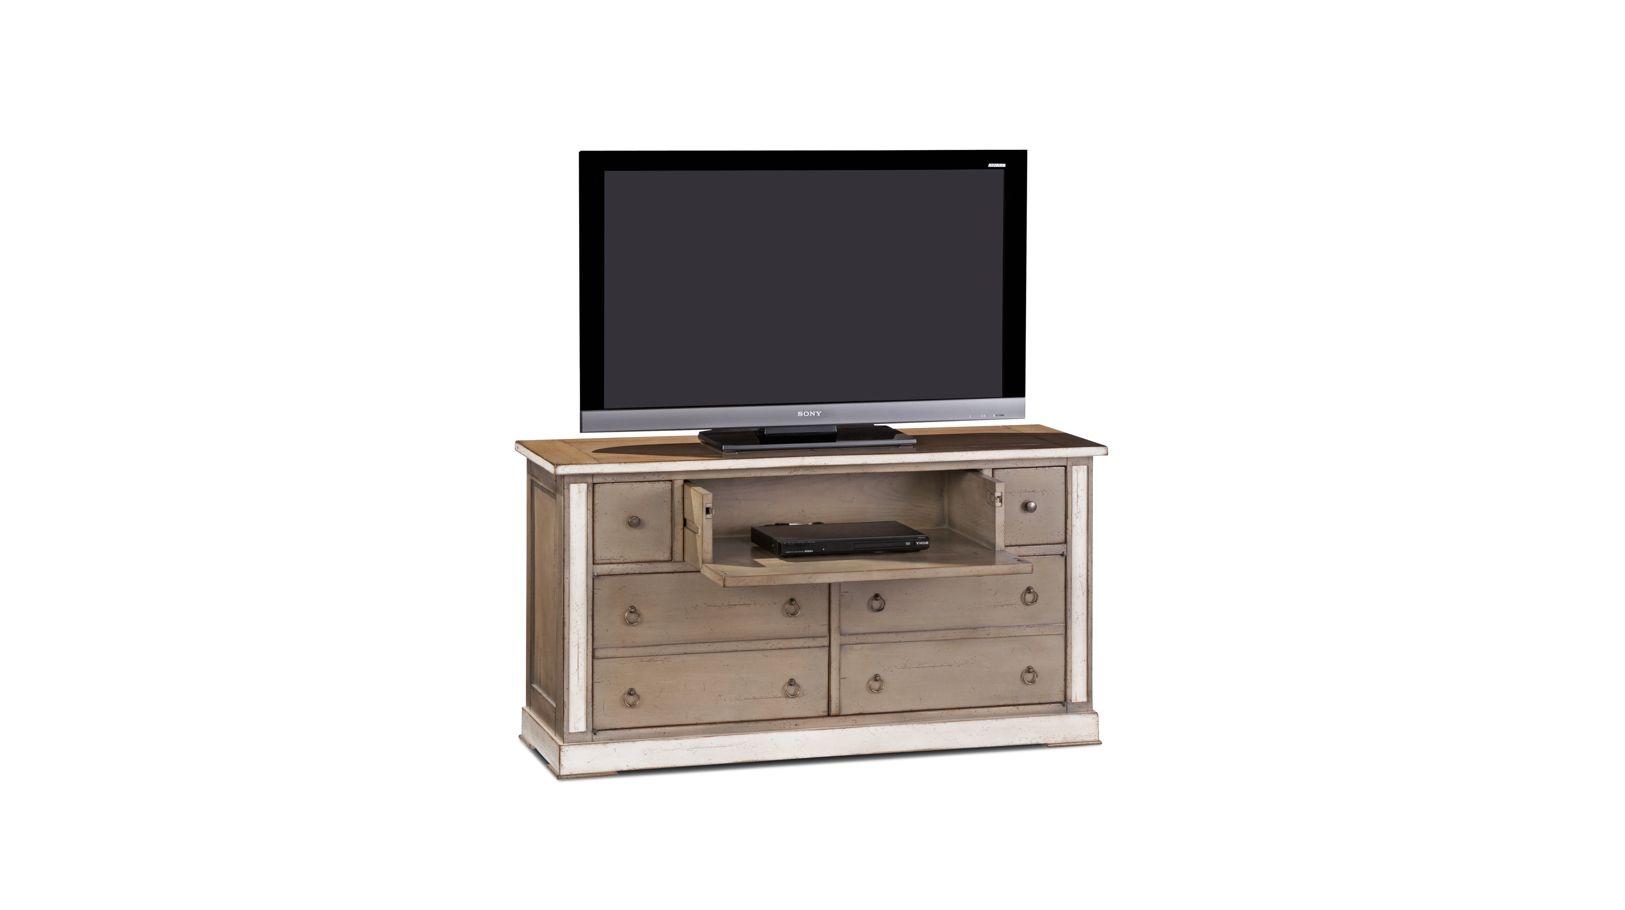 hauteville meuble tv collection nouveaux classiques roche bobois. Black Bedroom Furniture Sets. Home Design Ideas